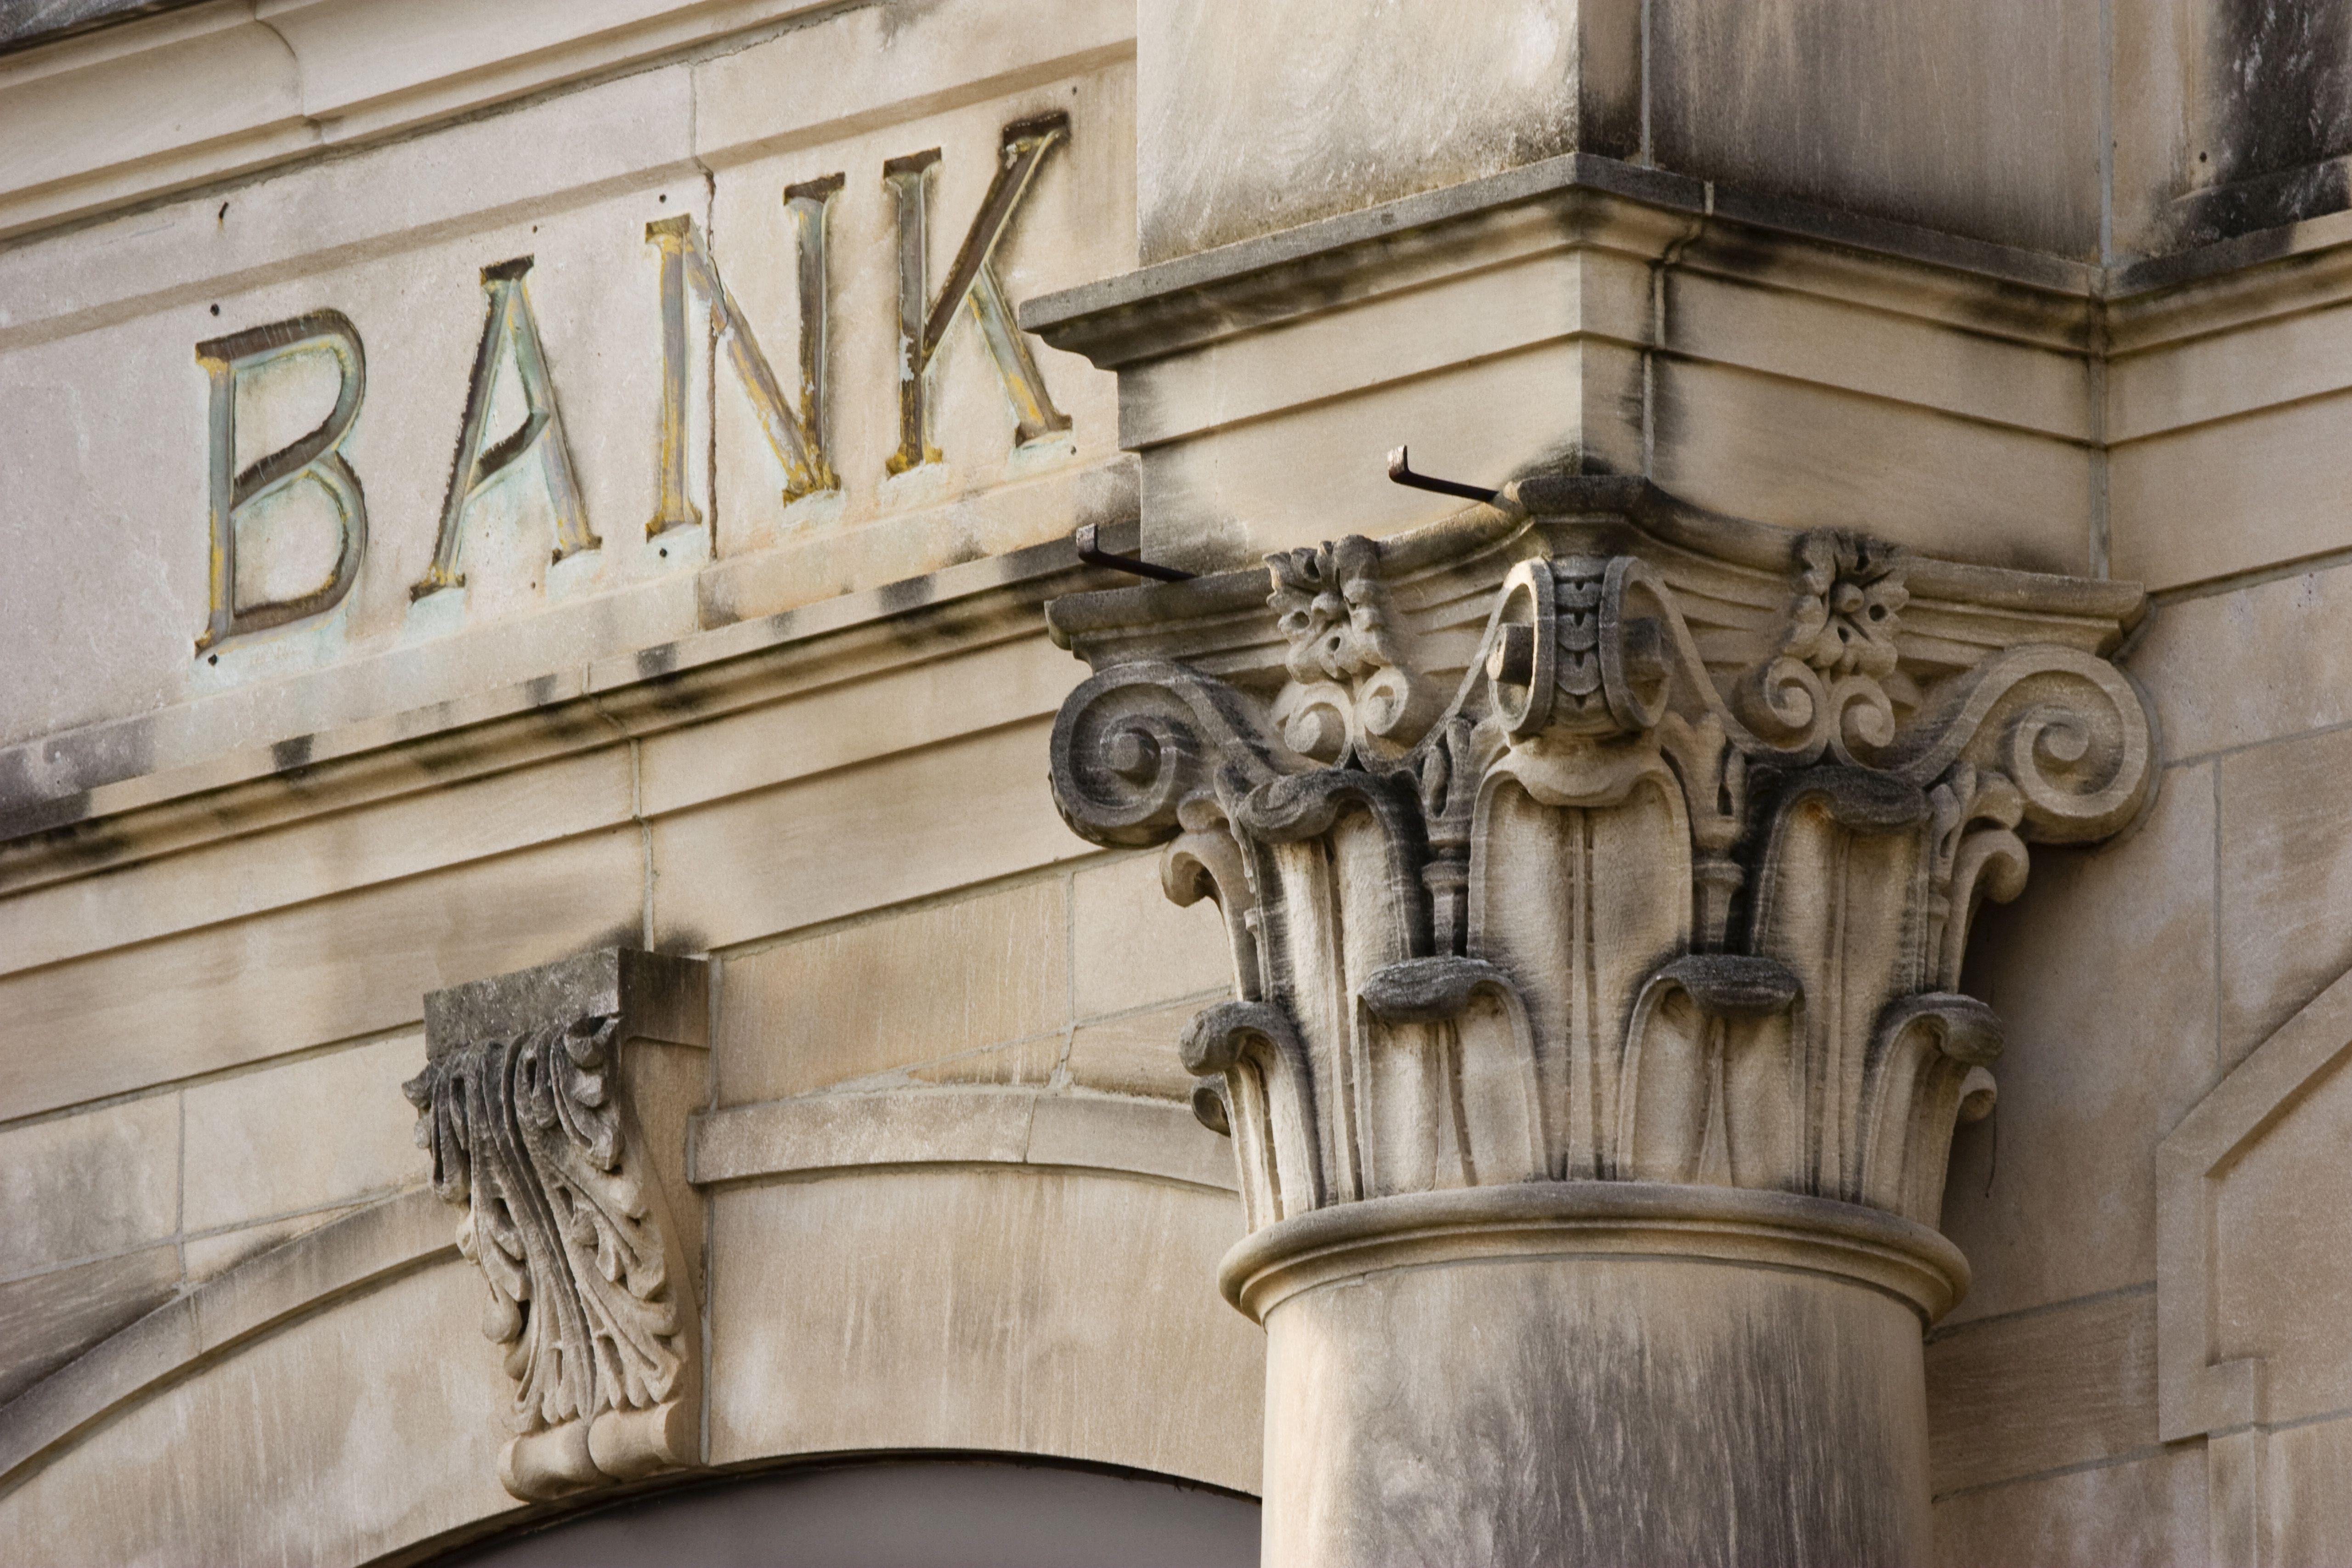 jurusan manajemen perbankan terbaik untuk anak ips